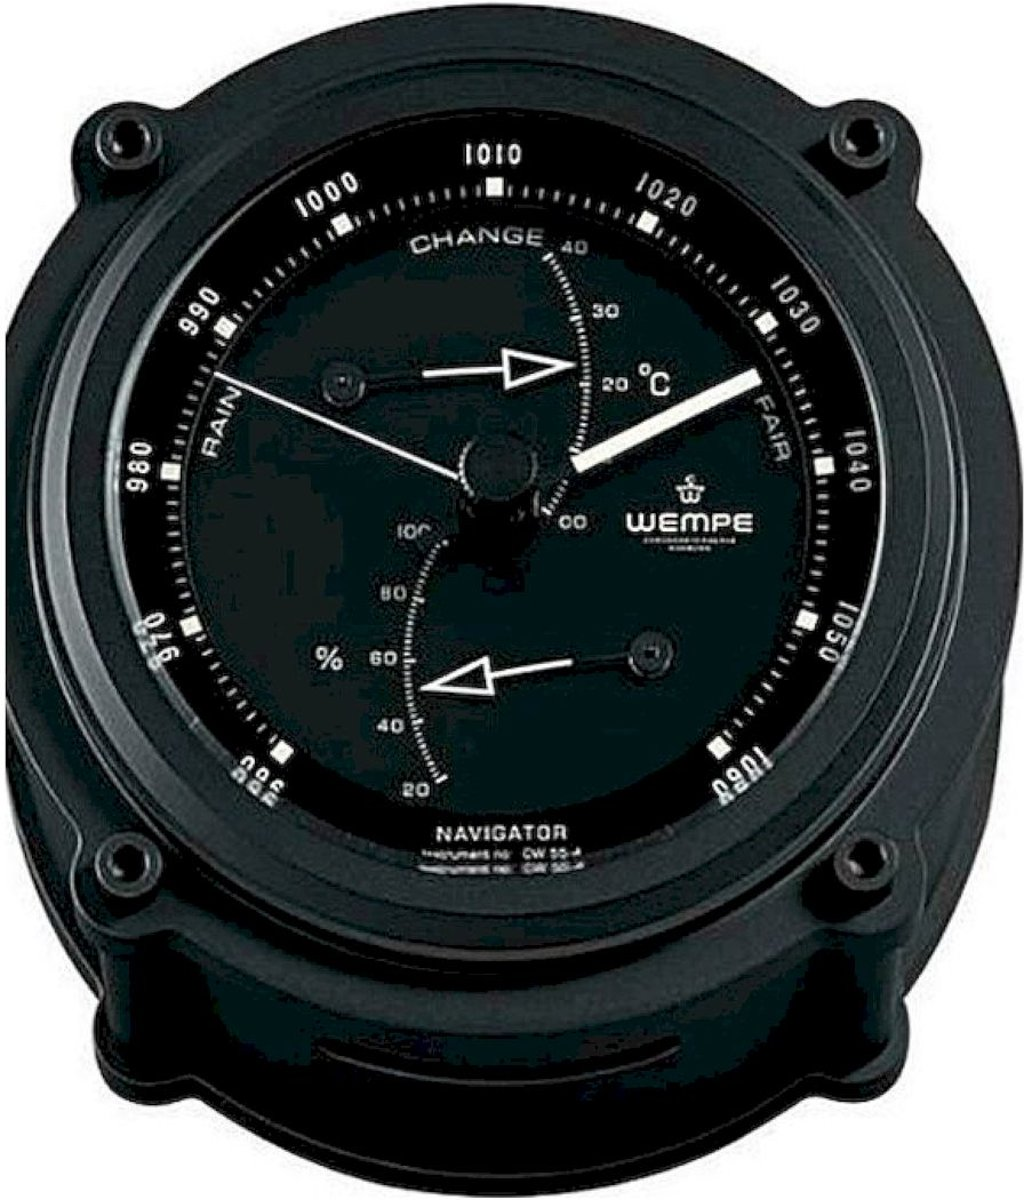 Wempe Chronometerwerke Maritim Navigator II Baro-/Thermo-/Hygrometer CW550004 kopen